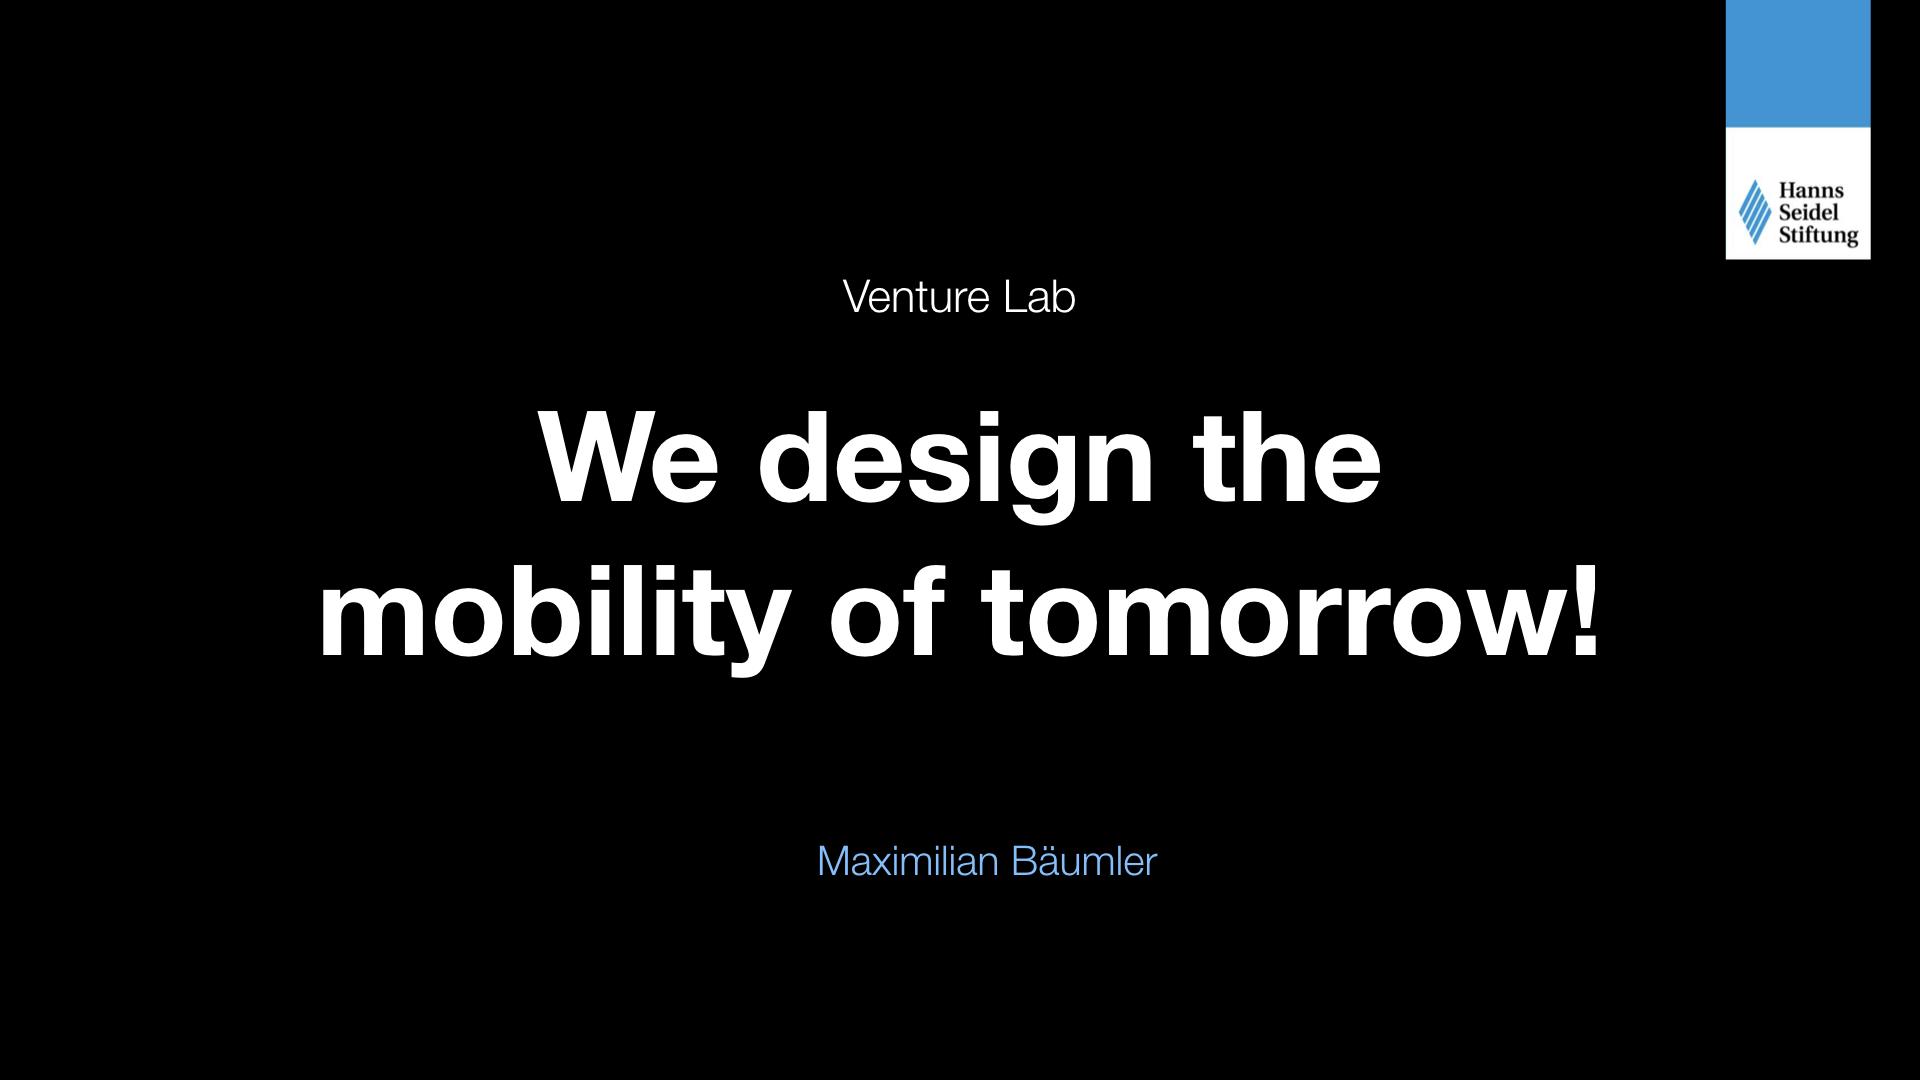 venture lab  wir gestalten die mobilit u00e4t von morgen